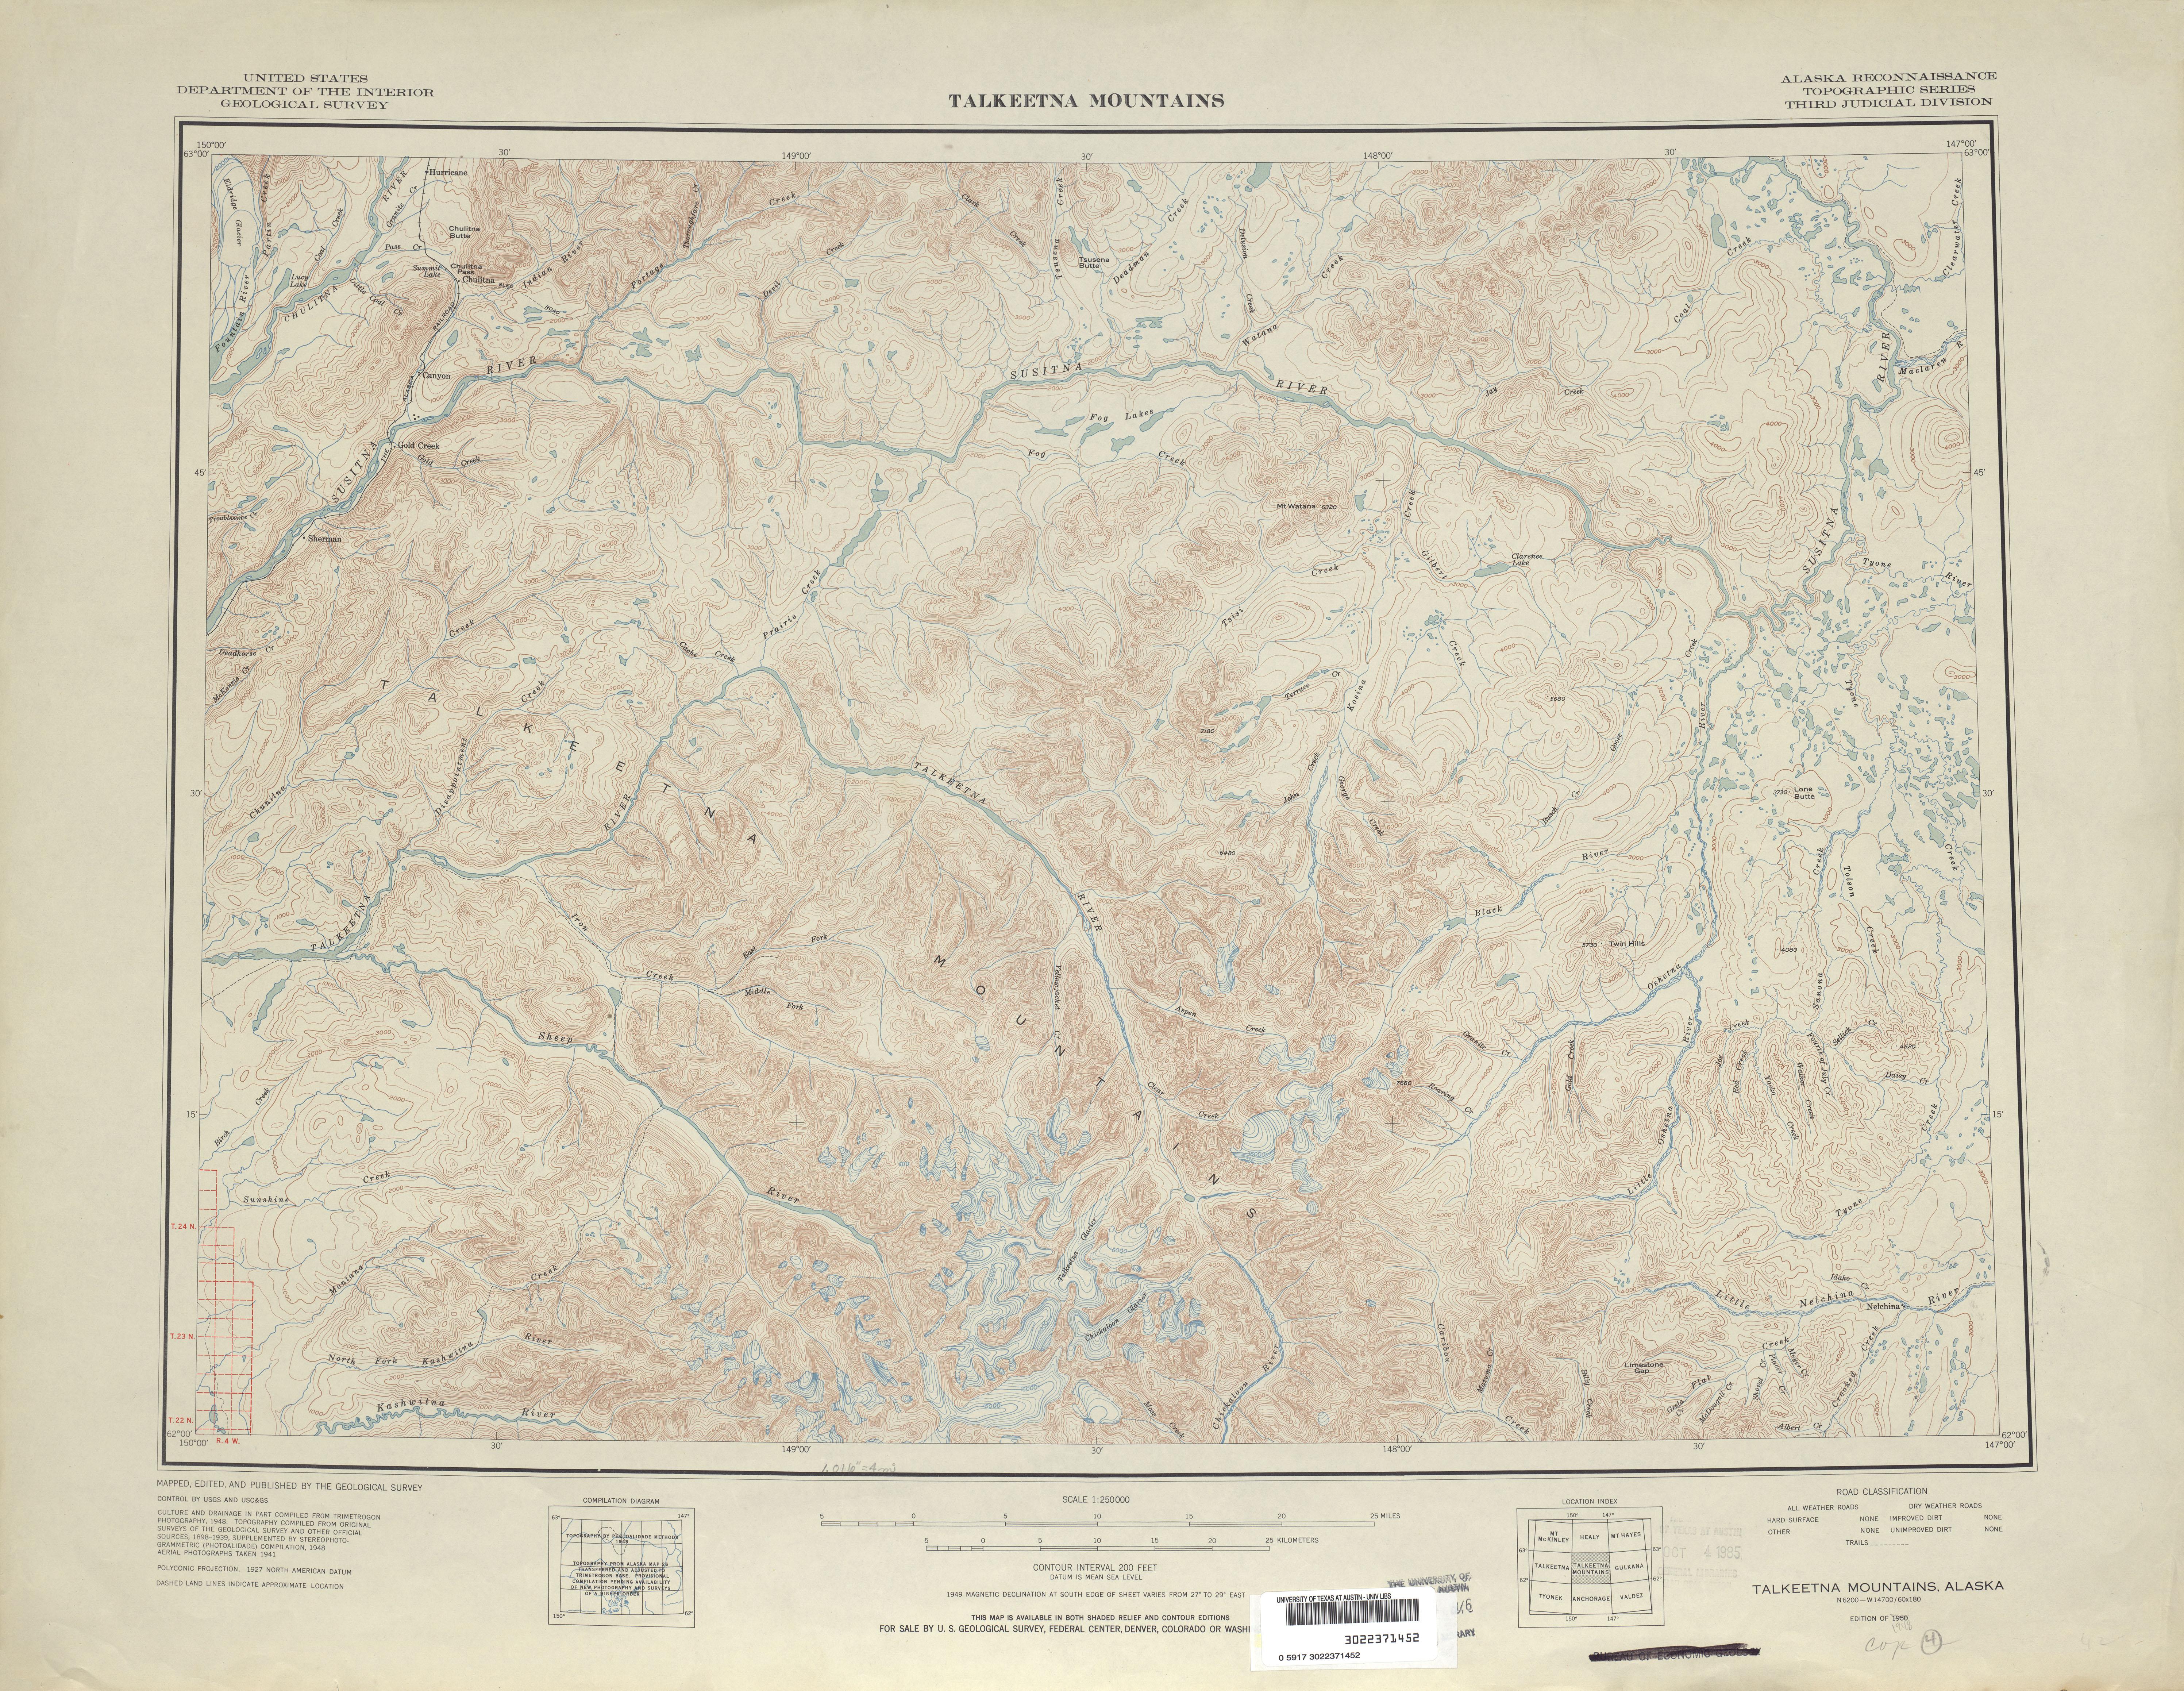 Hoja Talkeetna Mountains del Mapa Topográfico de los Estados Unidos 1948